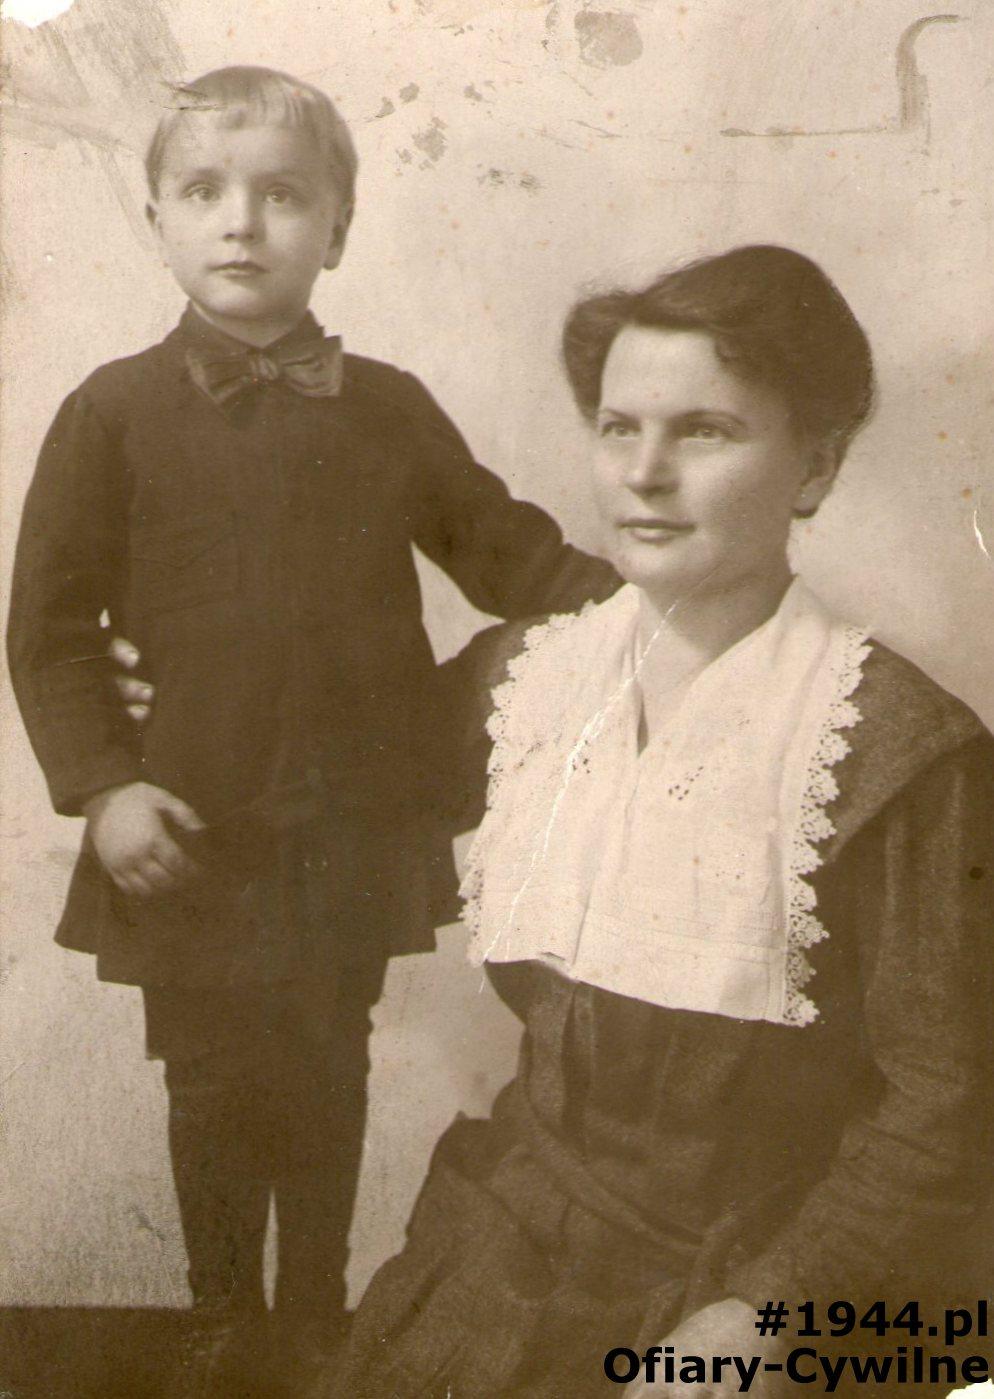 Zdjęcie ze zbiorów rodzinnych pani Jolanty Habrowskiej